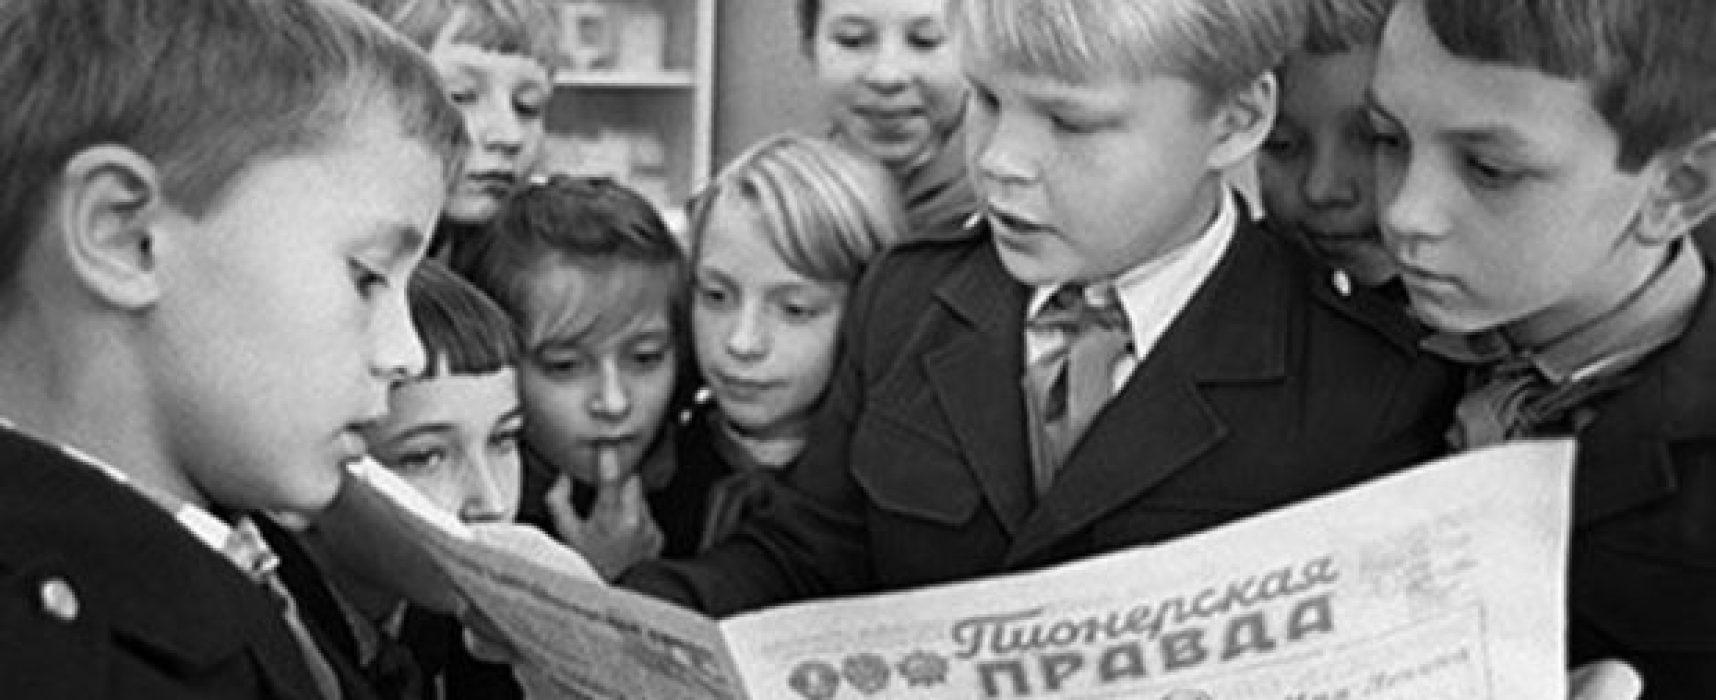 В школах Кубани детей заставят пересказывать новости «Первого канала»